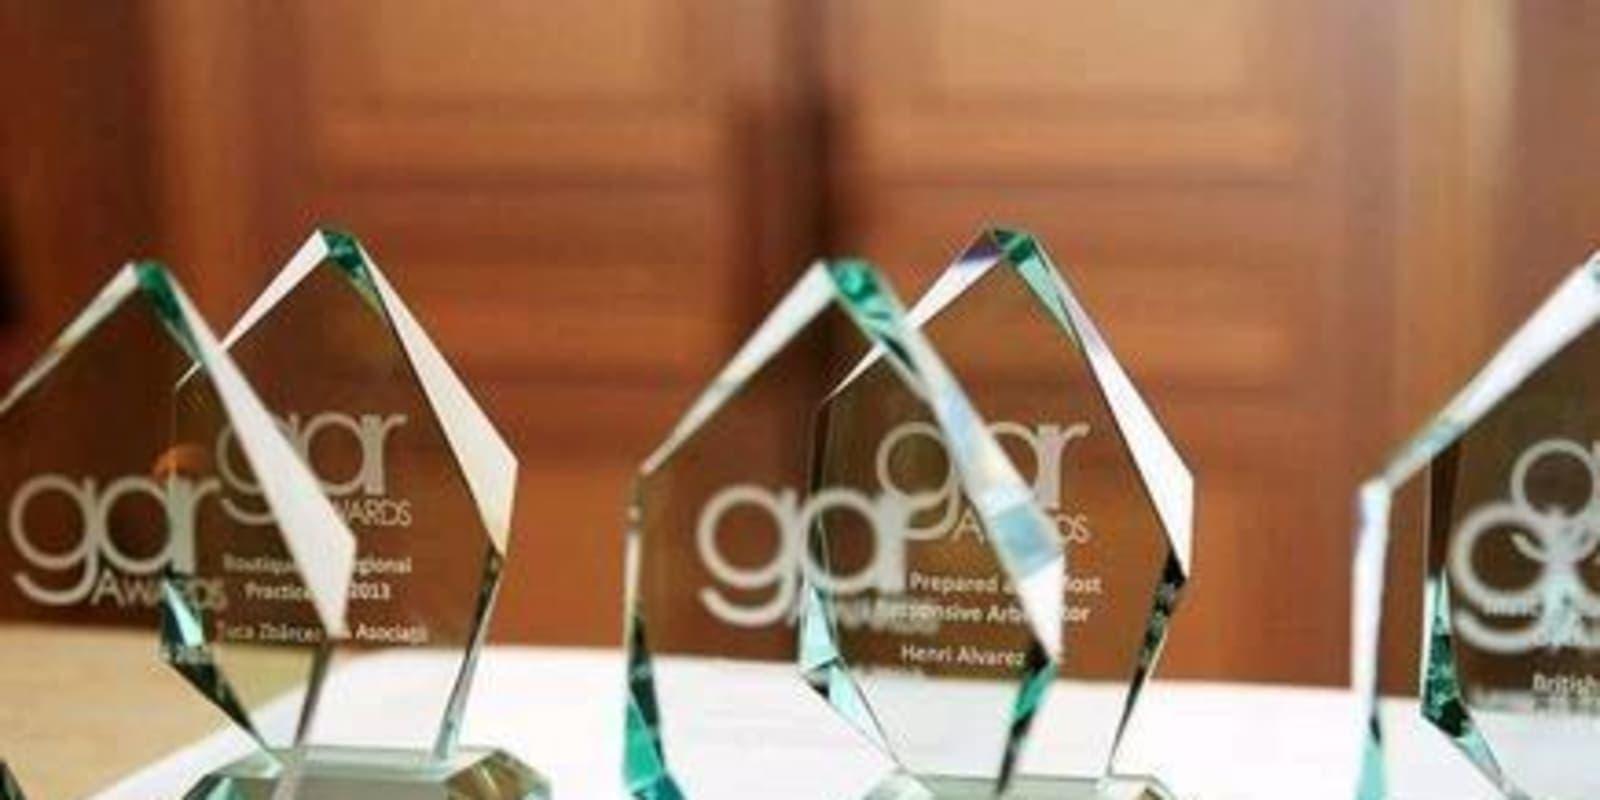 GAR Awards 2017 – VOTE